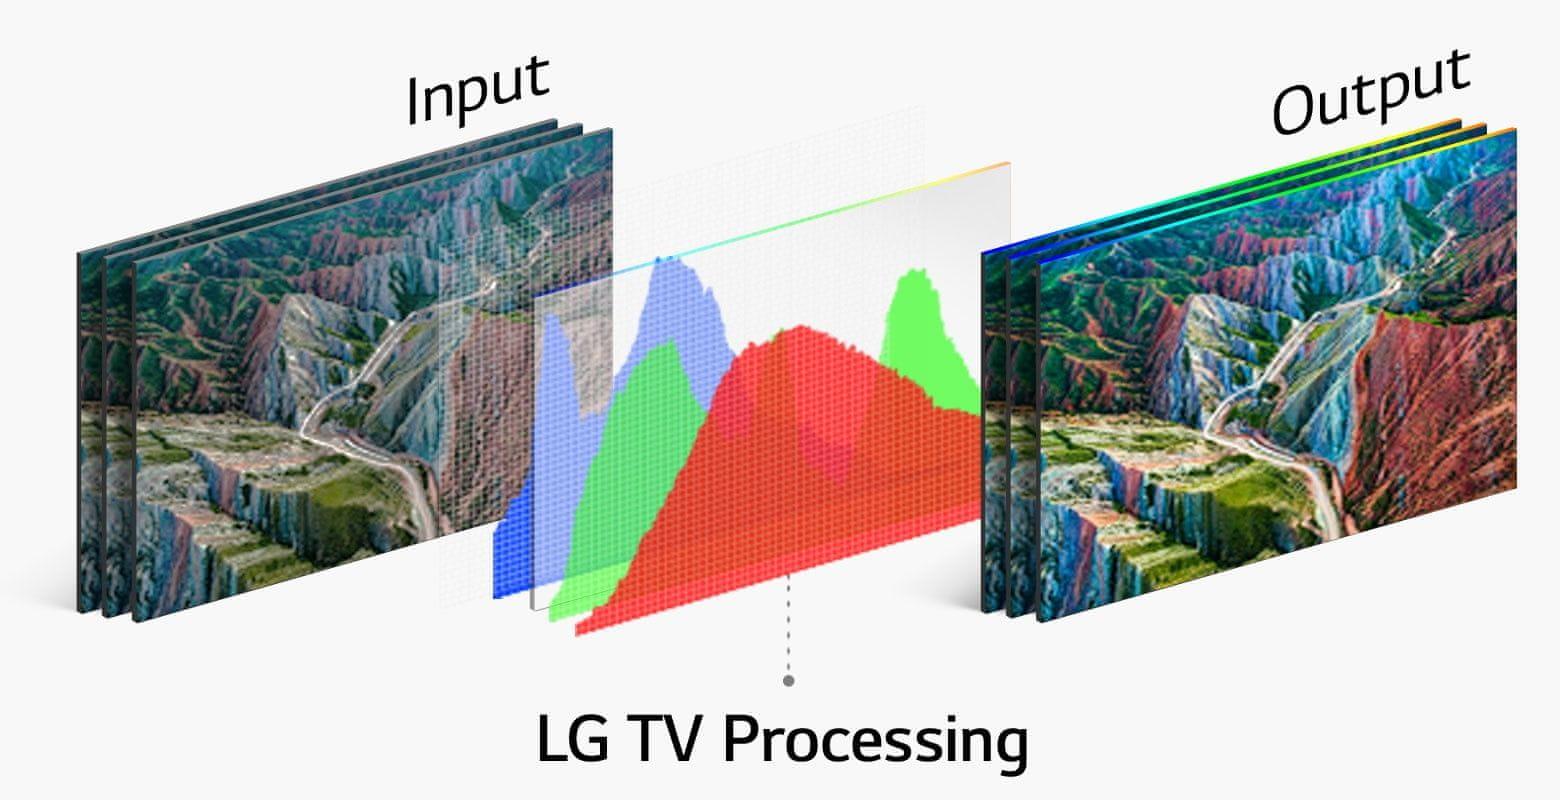 LG TV televizor NANOCELL 4K 2021 hdr10 pro hlg pro visok dinamični razpon